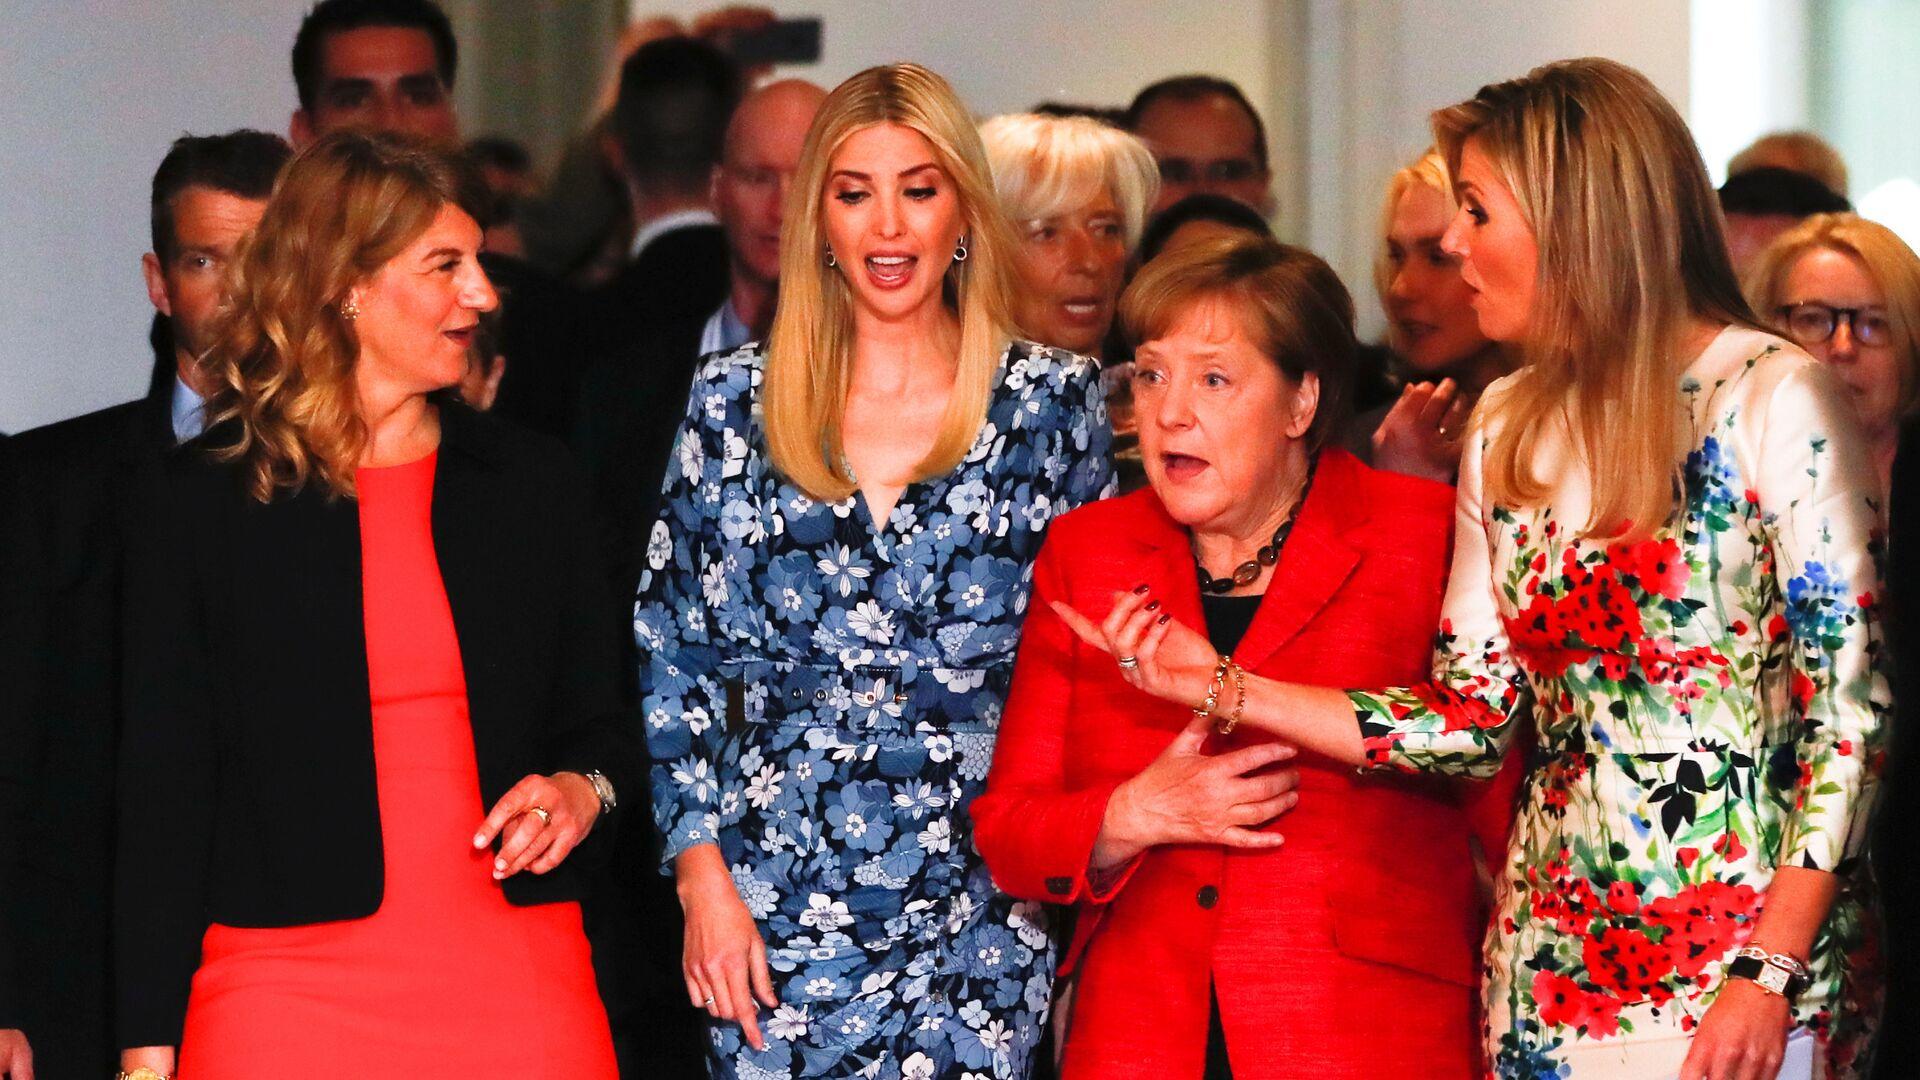 Angela Merkel en la Cumbre del G20 en 2017 - Sputnik Mundo, 1920, 09.09.2021